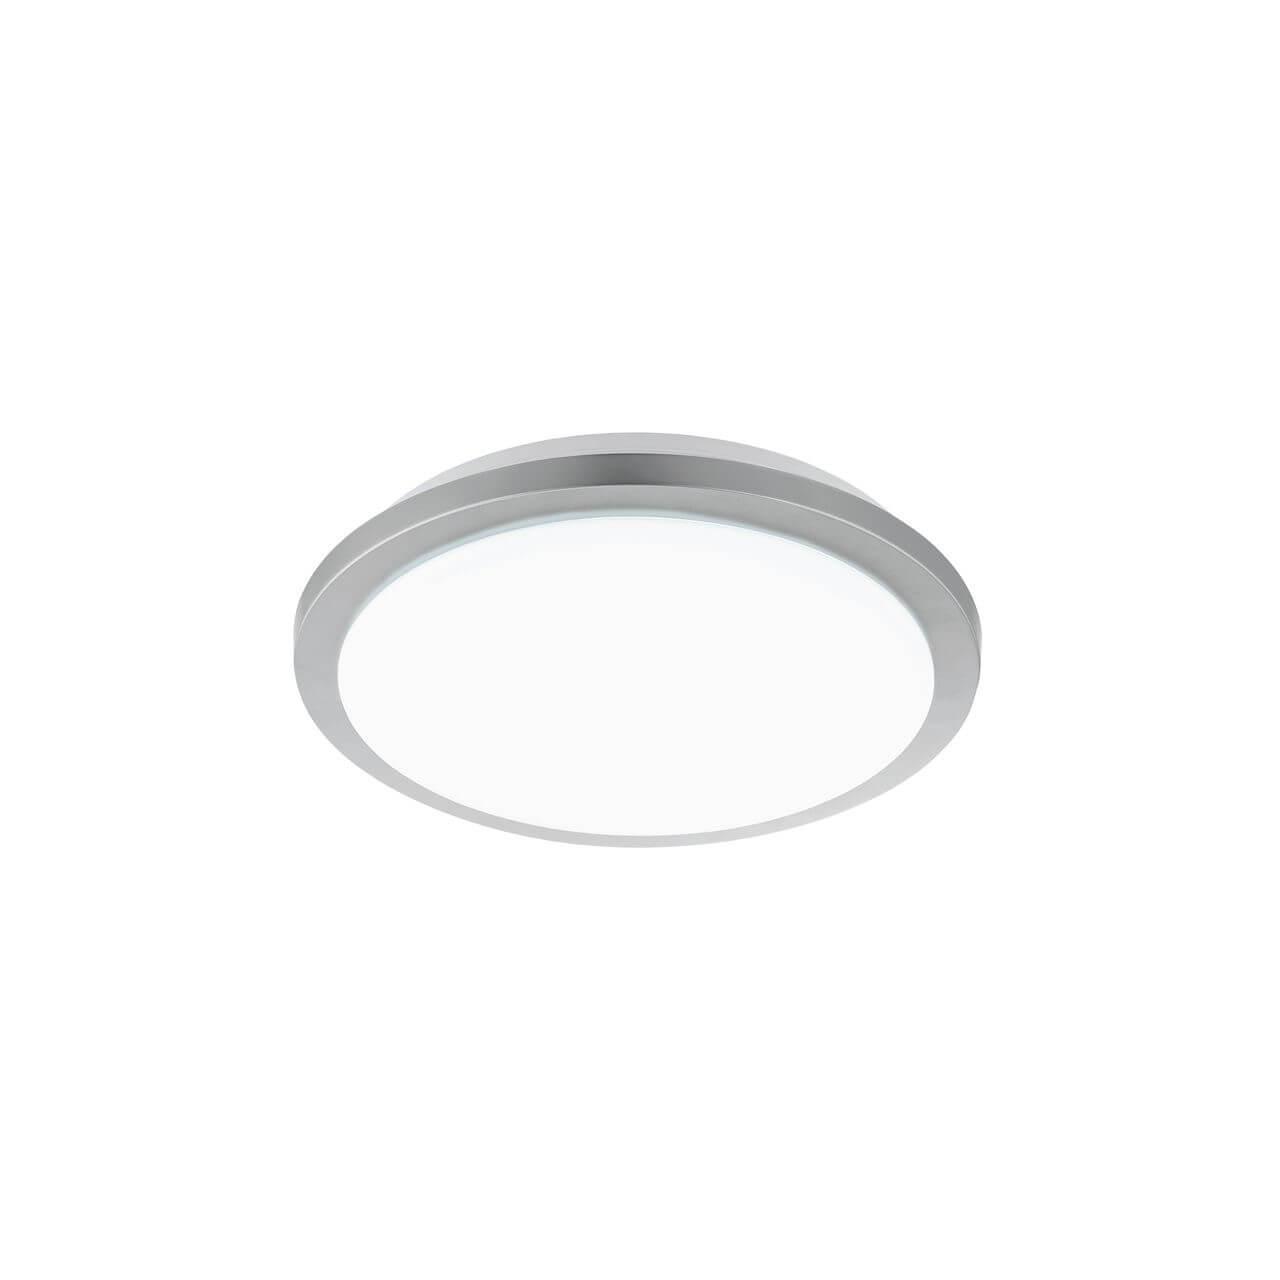 Настенно-потолочный светильник Eglo 97324, LED, 16 Вт потолочный светодиодный светильник eglo competa 1 95679